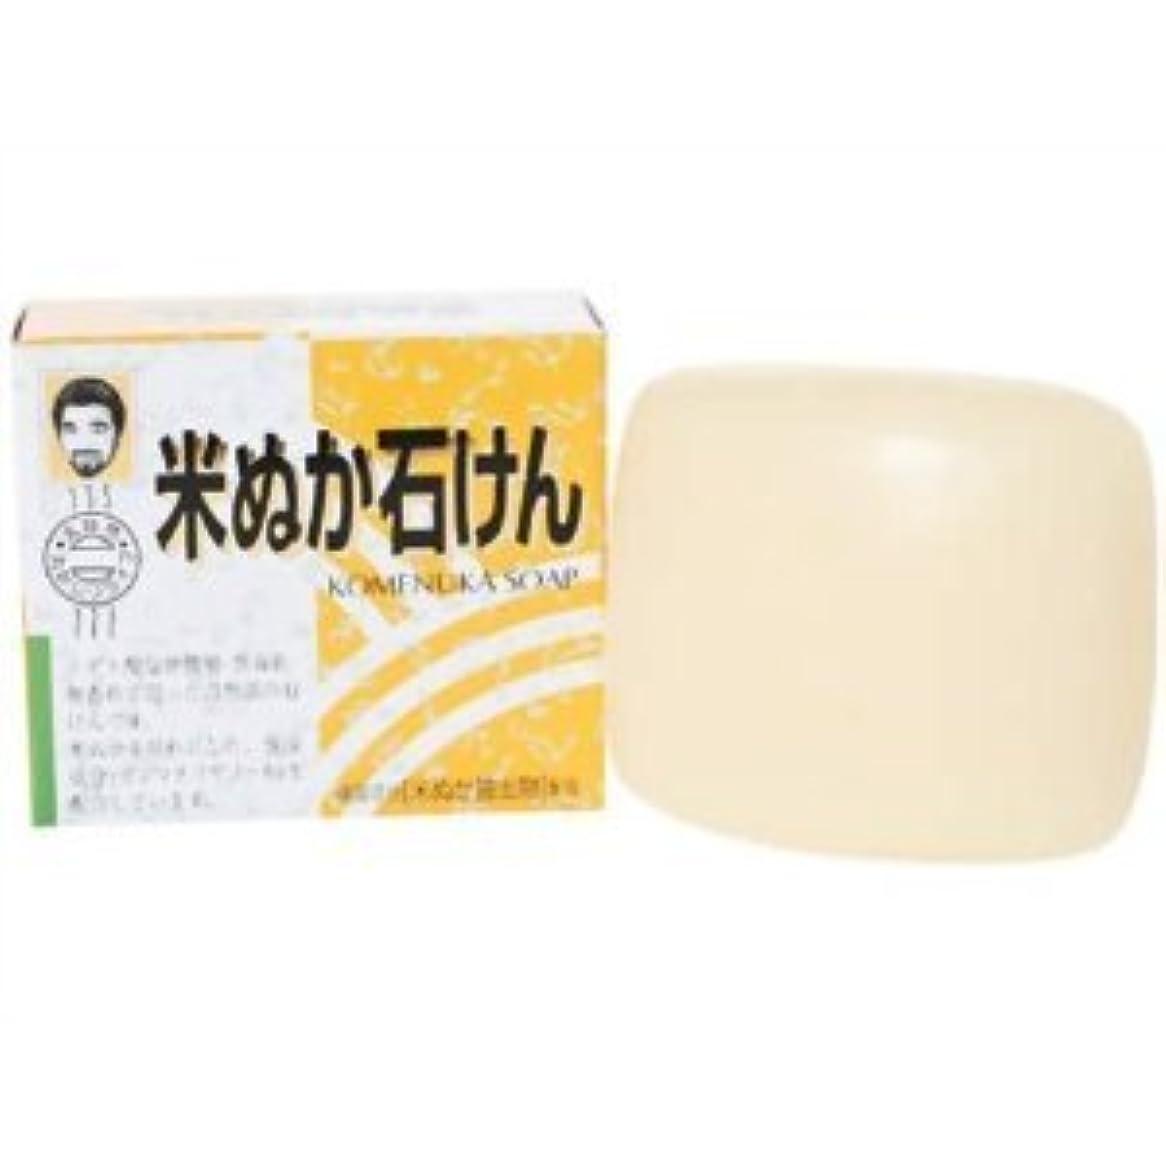 炭水化物危険ストライドお得な6個セット!! 健康フーズ 米ぬか石鹸80gx6個